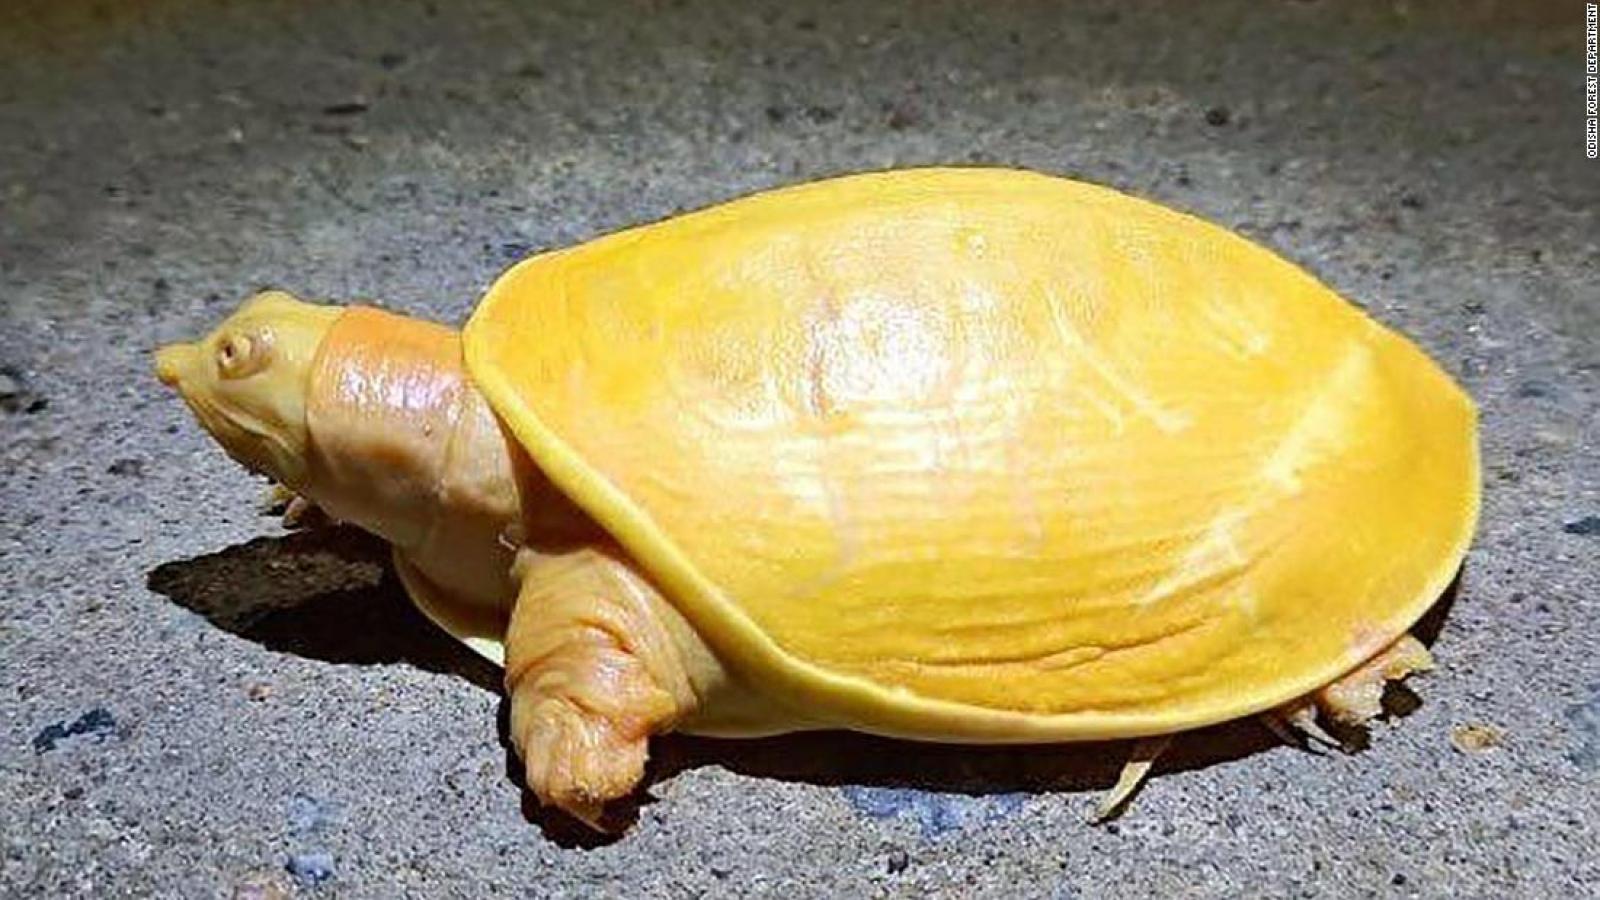 Chiêm ngưỡng chú rùa vàng bạch tạng cực hiếm ở Ấn Độ